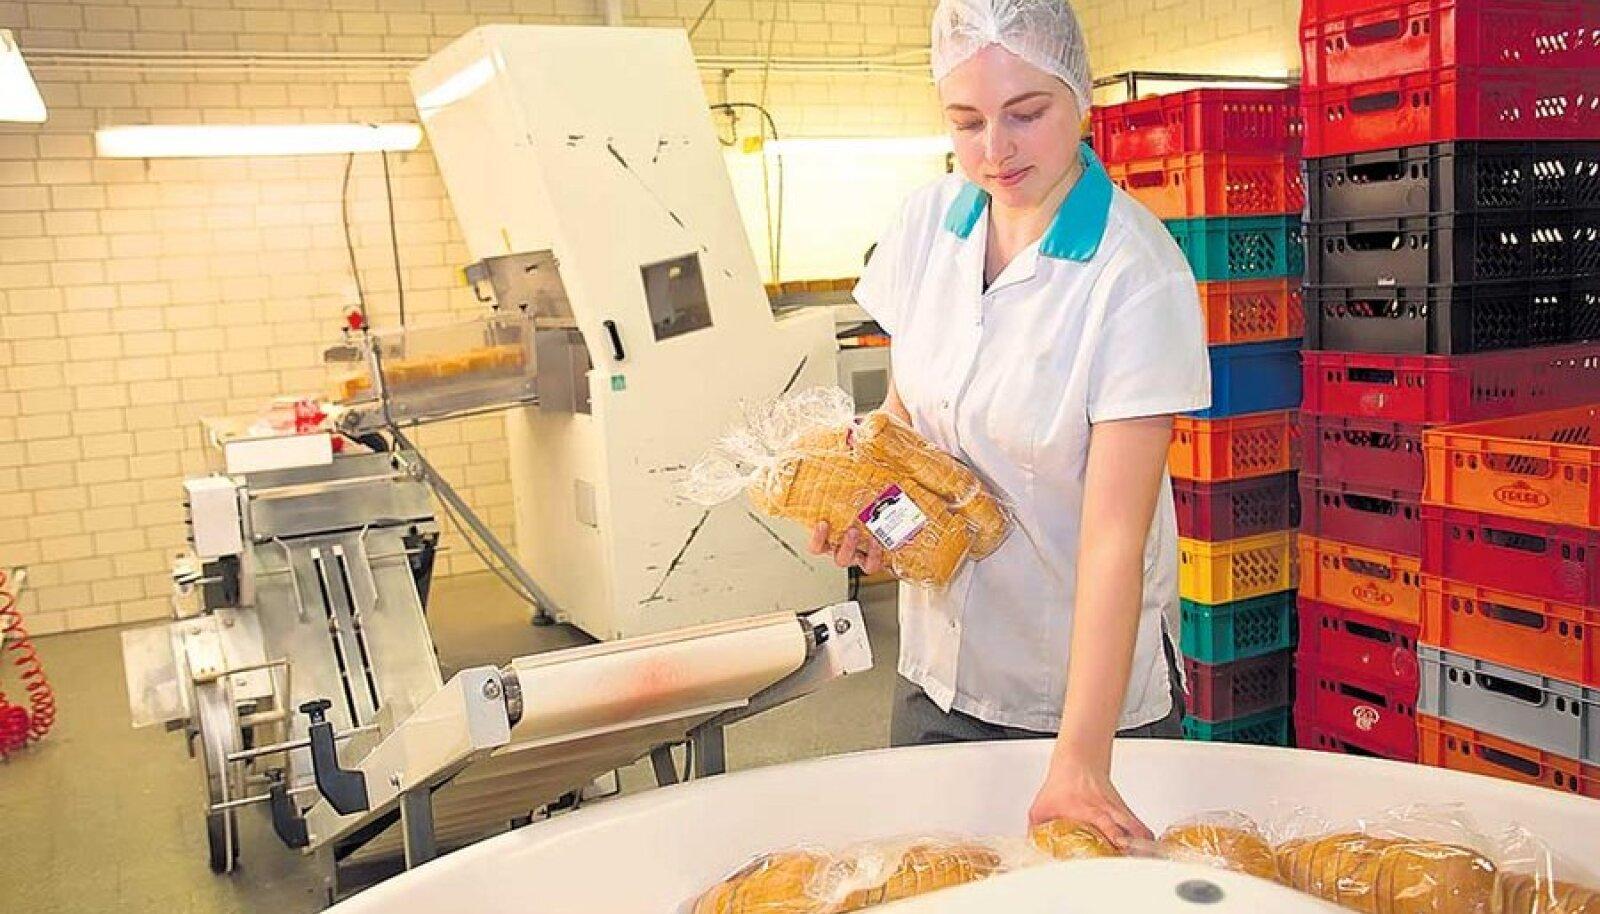 Grossi Toidukaupade töötaja Hanna Kolin ja Säästusai, mille nimi on ETK arvates seadusvastane.